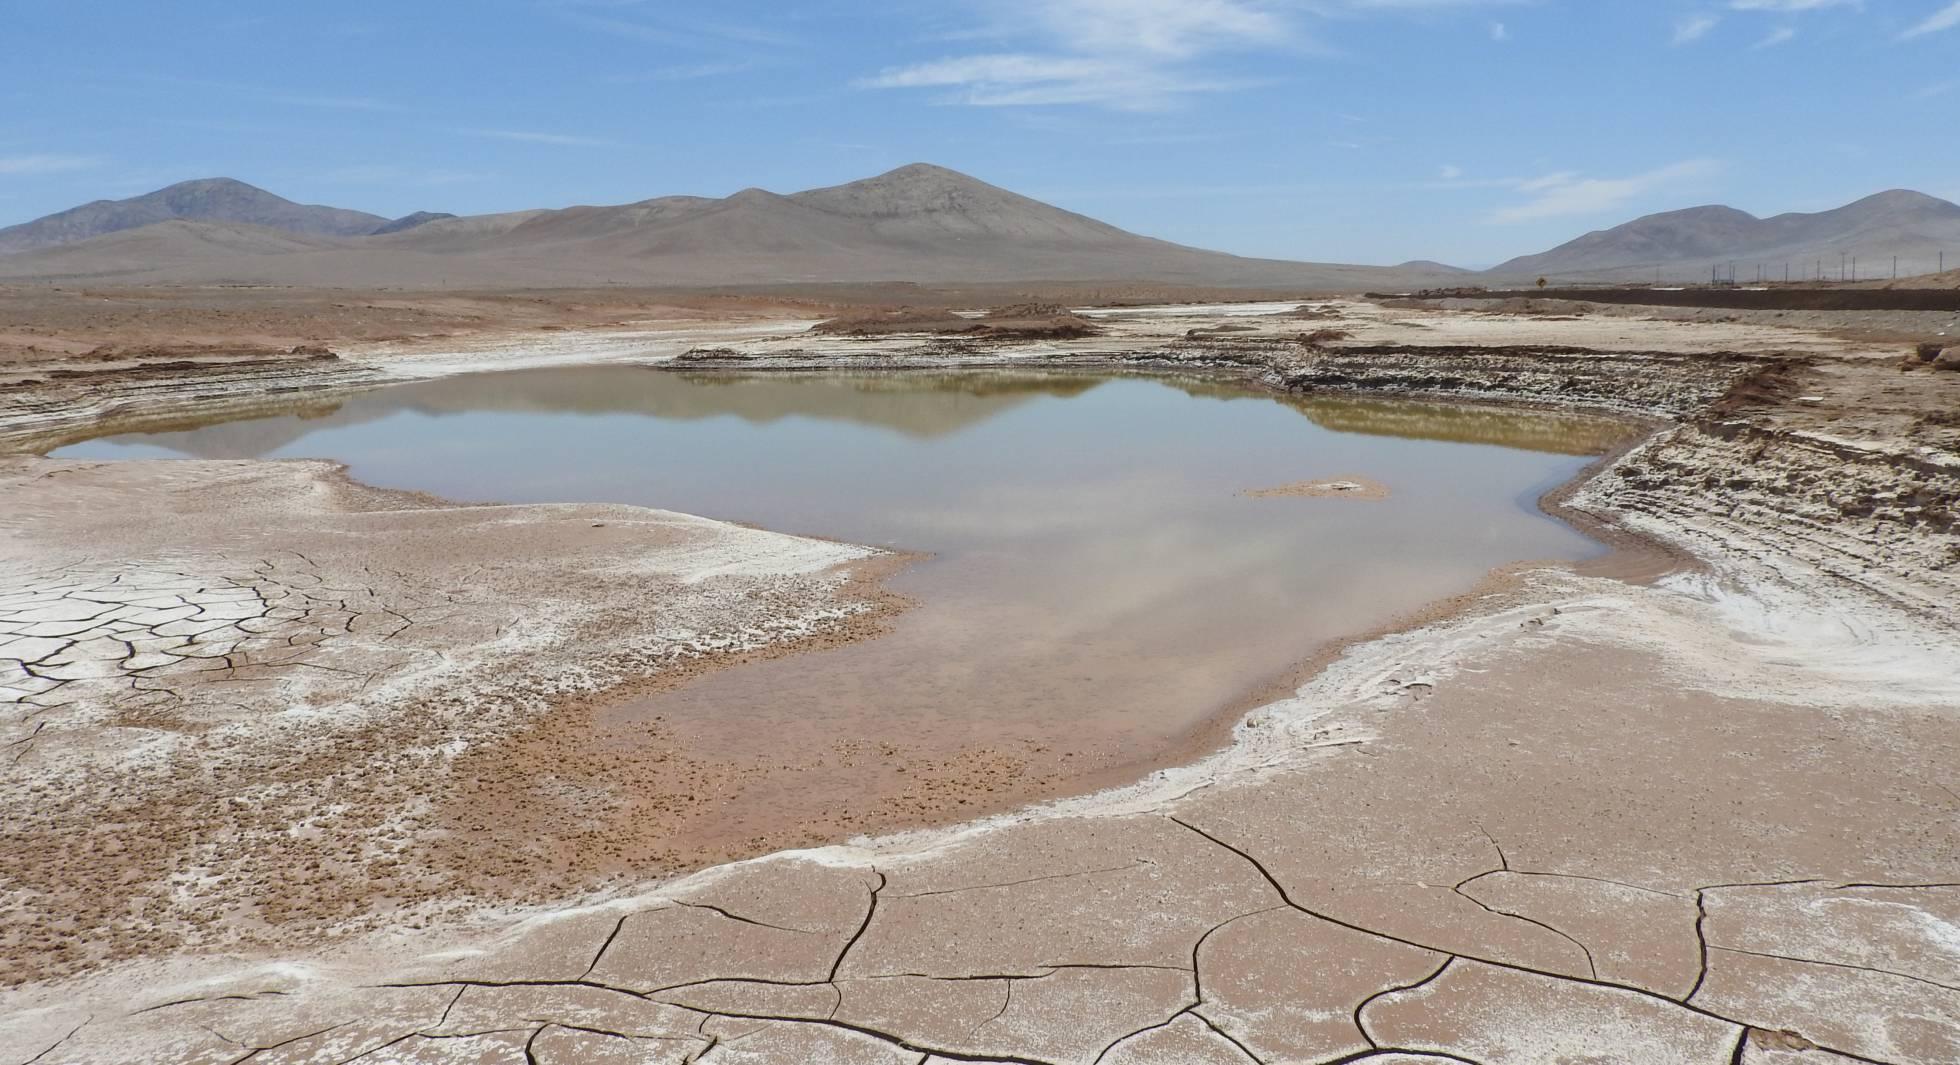 Chuva no coração do Atacama provoca morte de microrganismos